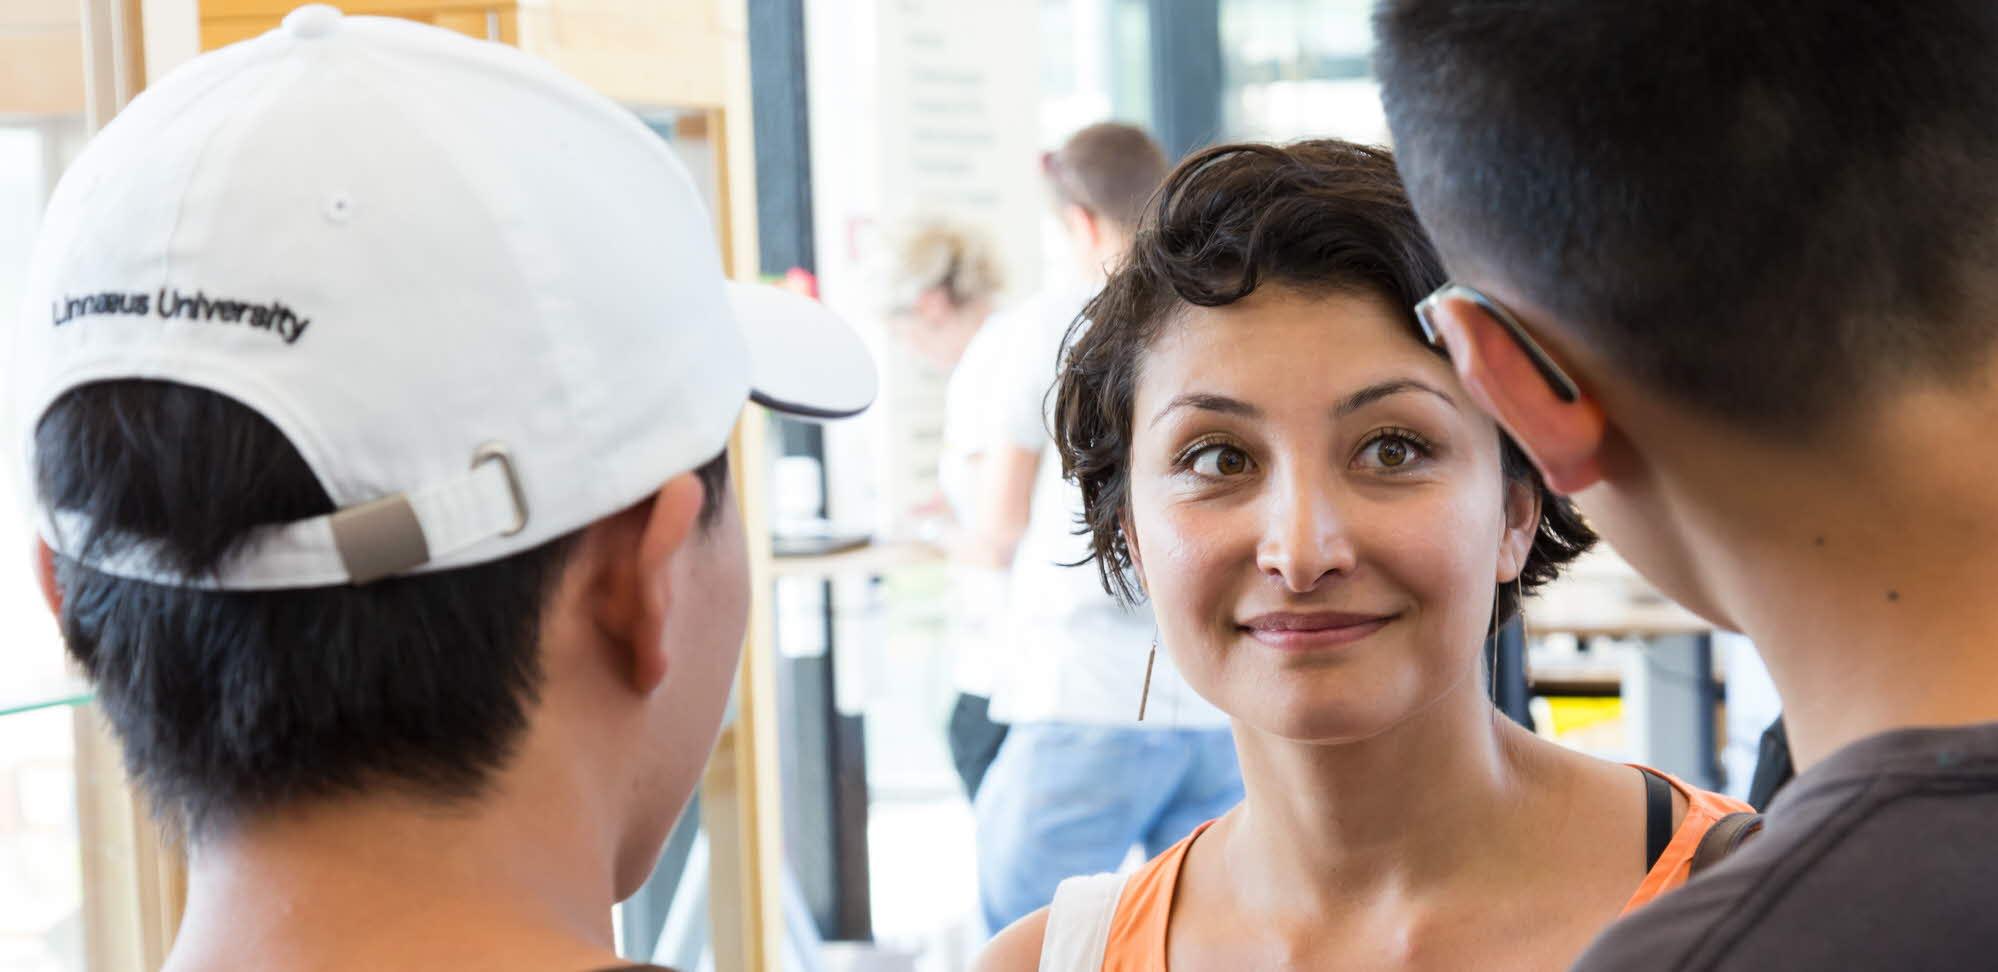 Närbild på studenter som pratar med varandra.